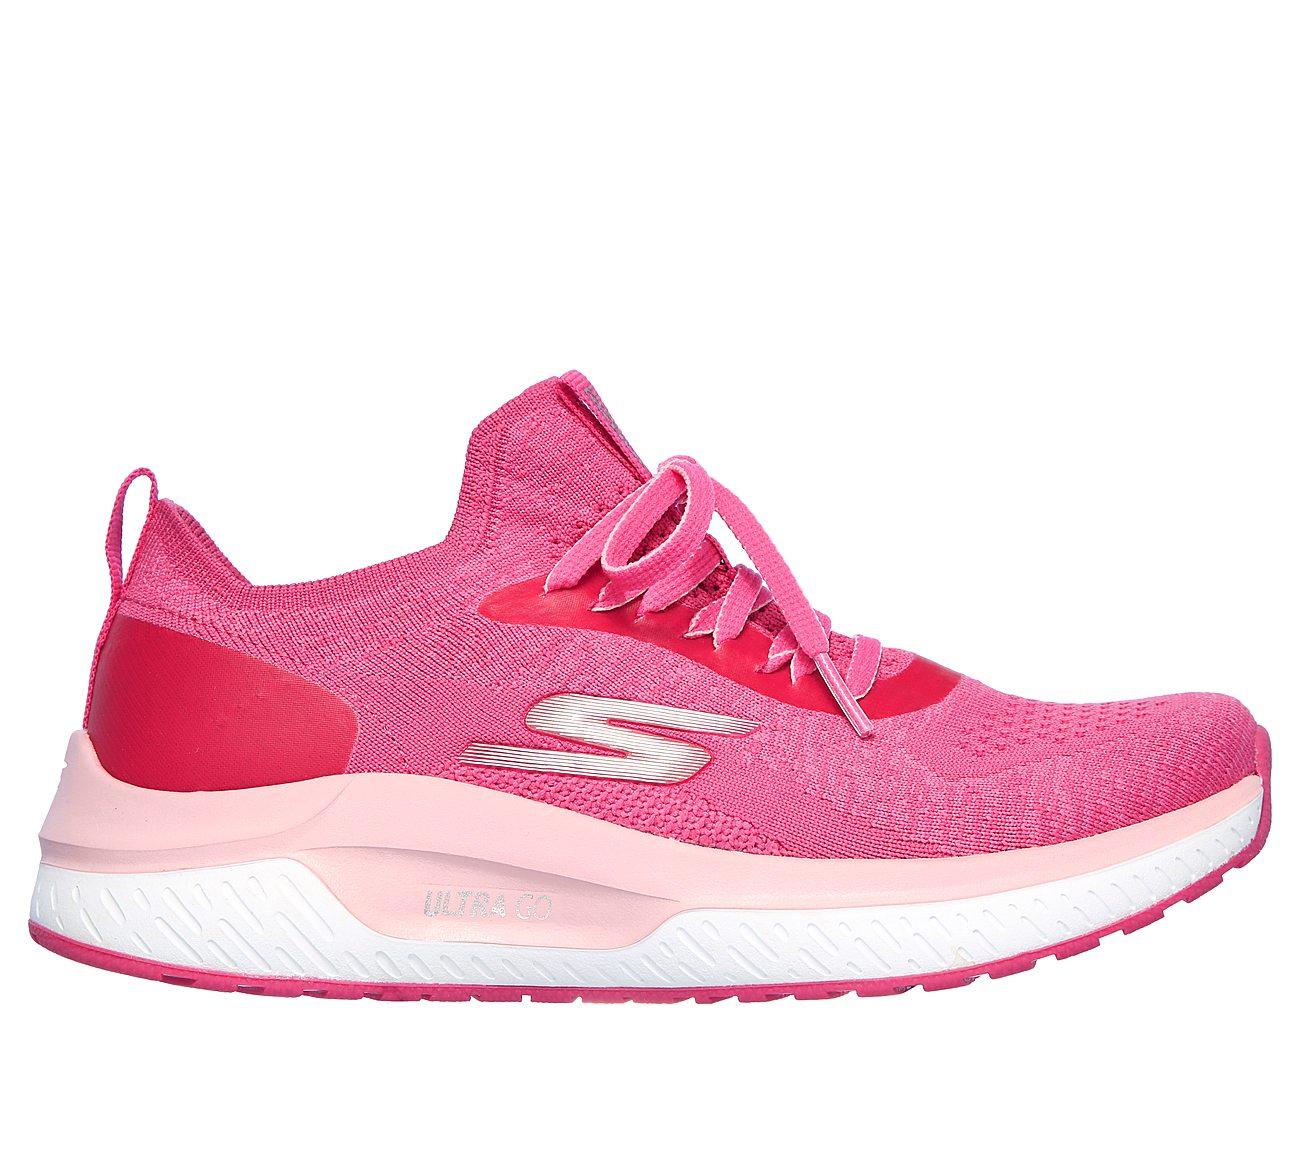 skechers go run pink